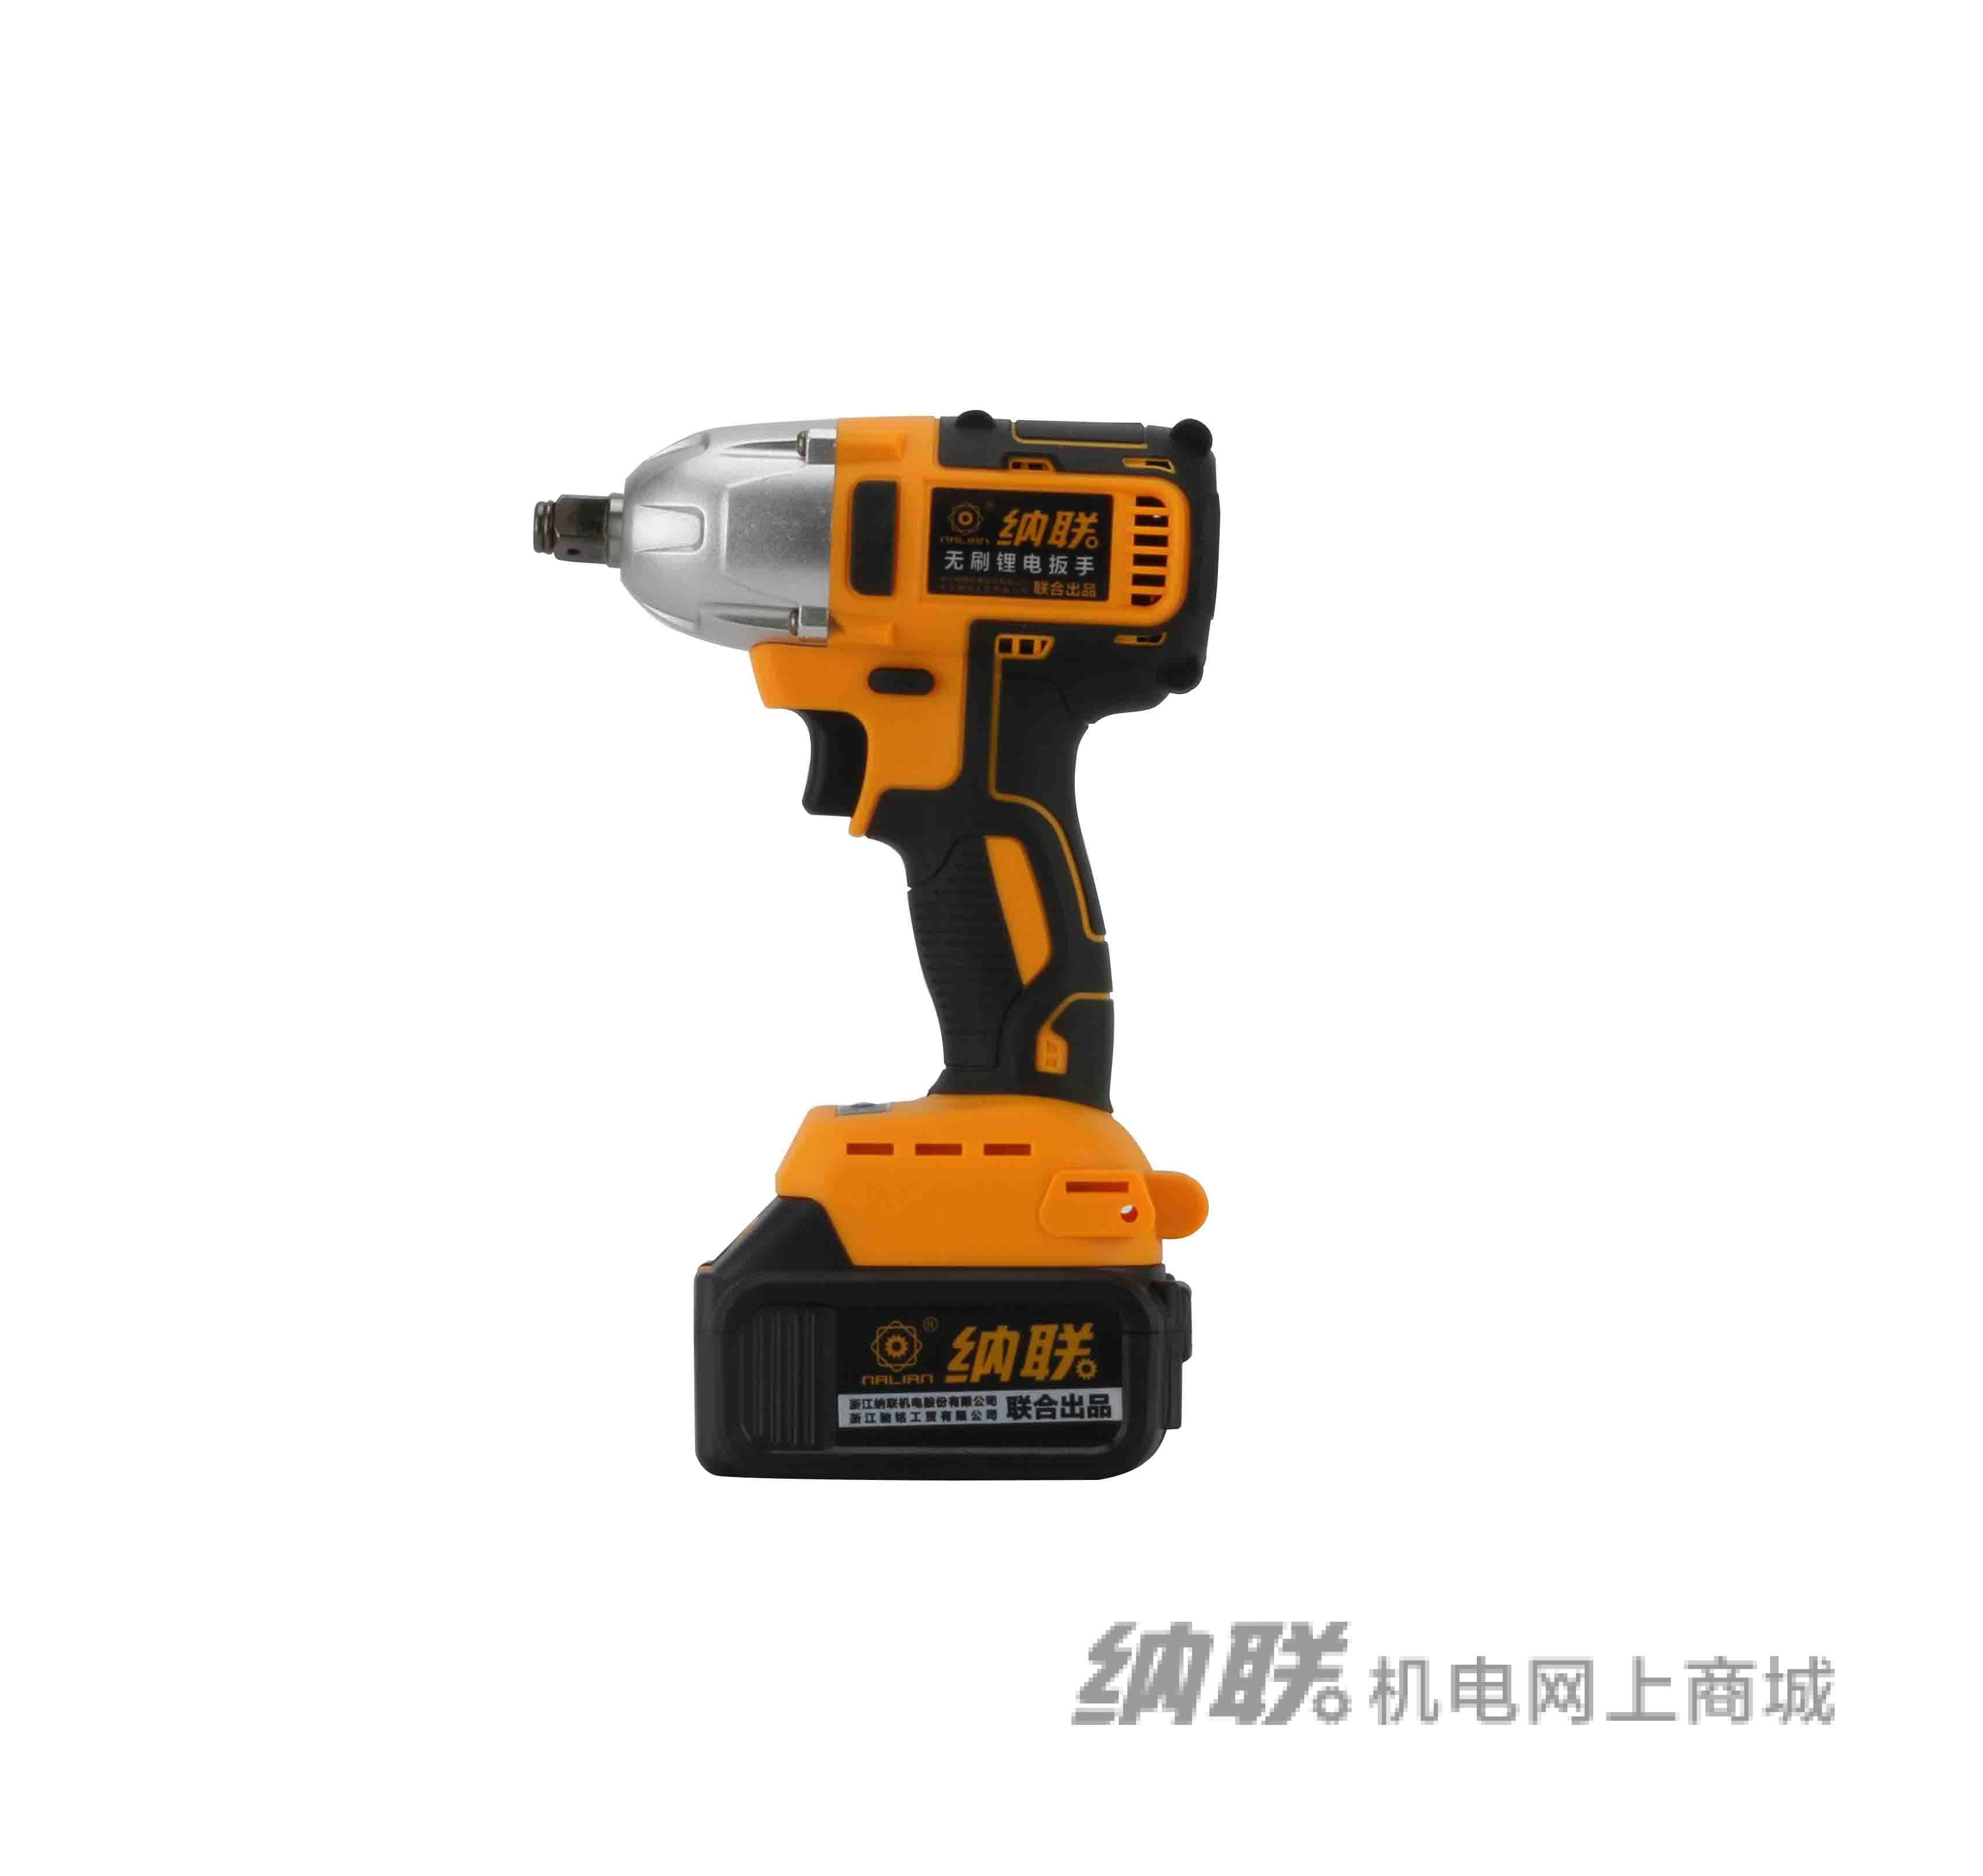 纳联机电 锂电扳手-NL-7506(无刷)(两电一充)